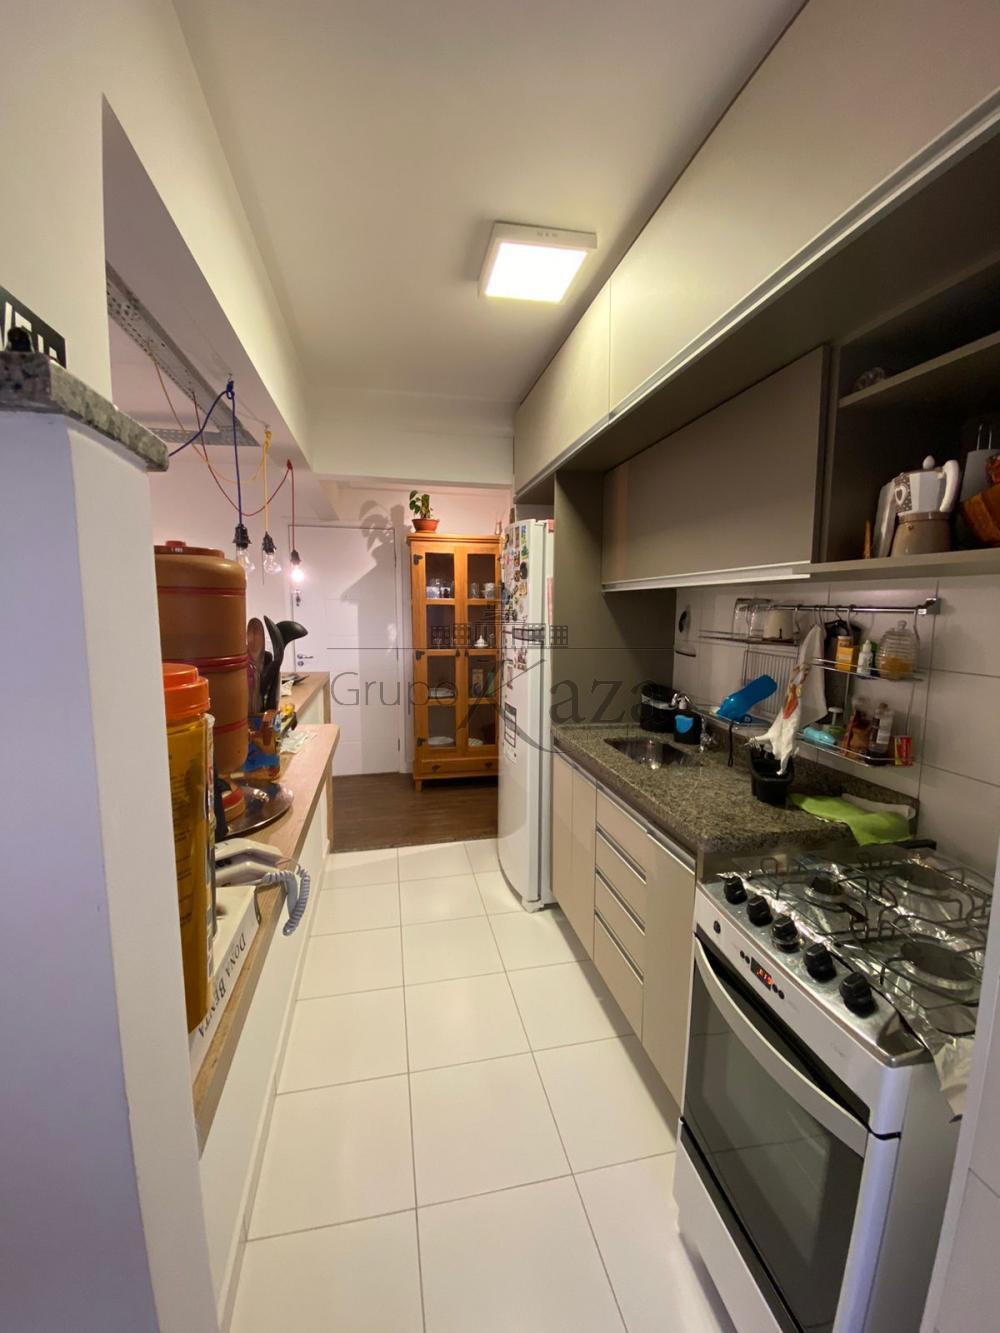 alt='Alugar Apartamento / Padrão em São José dos Campos R$ 2.200,00 - Foto 11' title='Alugar Apartamento / Padrão em São José dos Campos R$ 2.200,00 - Foto 11'